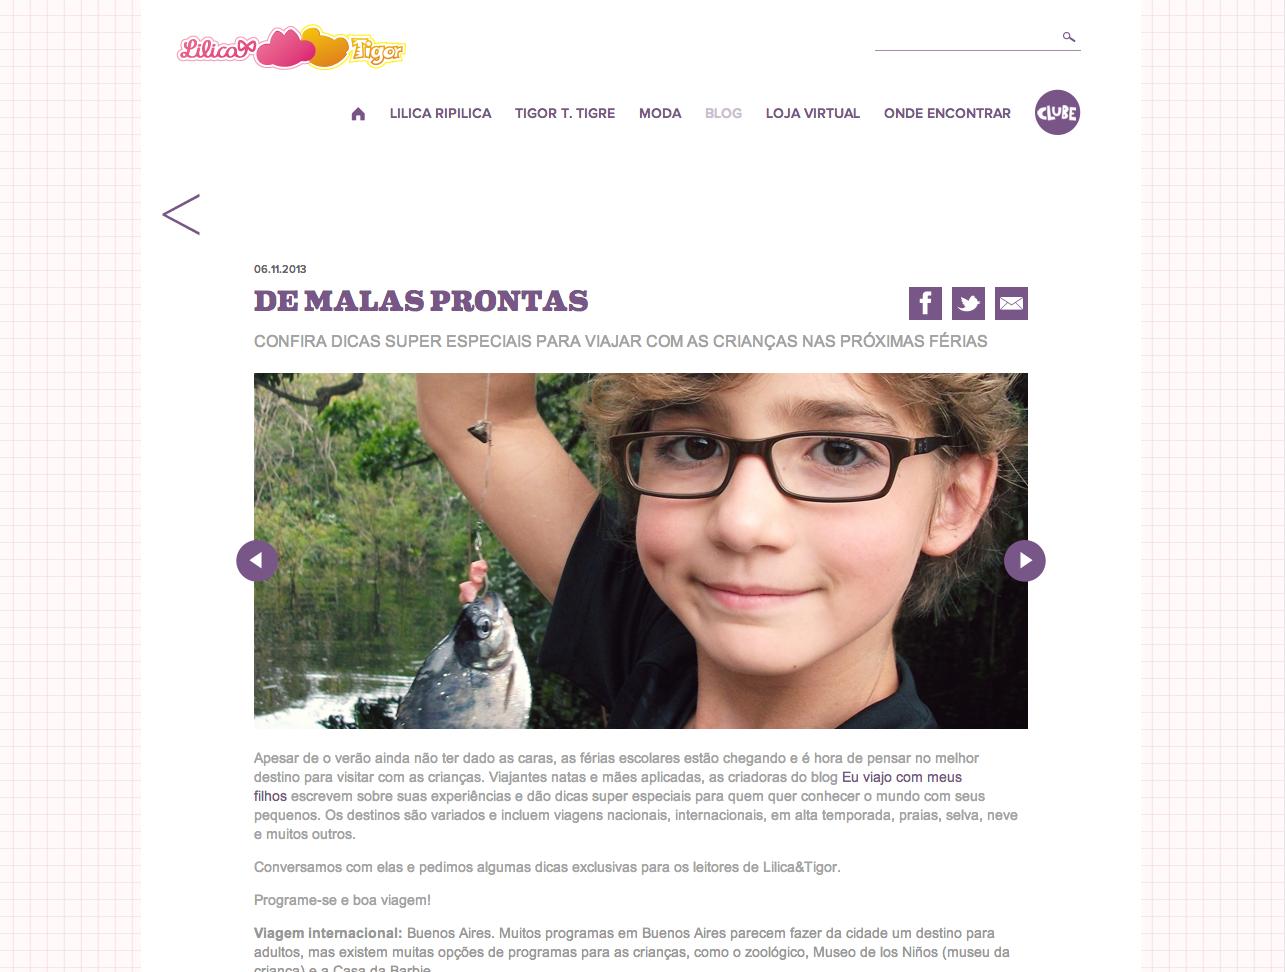 Dicas de viagem no blog Lilica